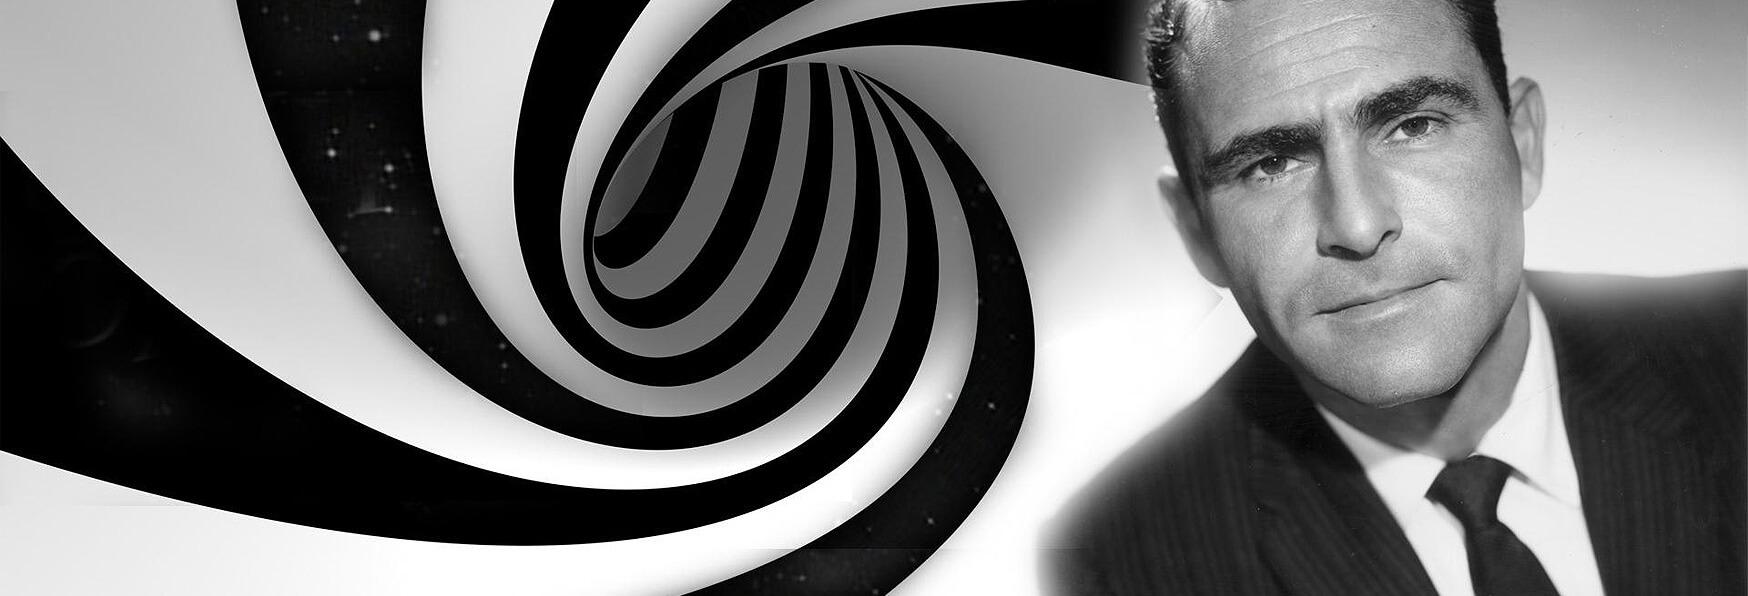 Iniziate le riprese del Reboot di The Twilight Zone